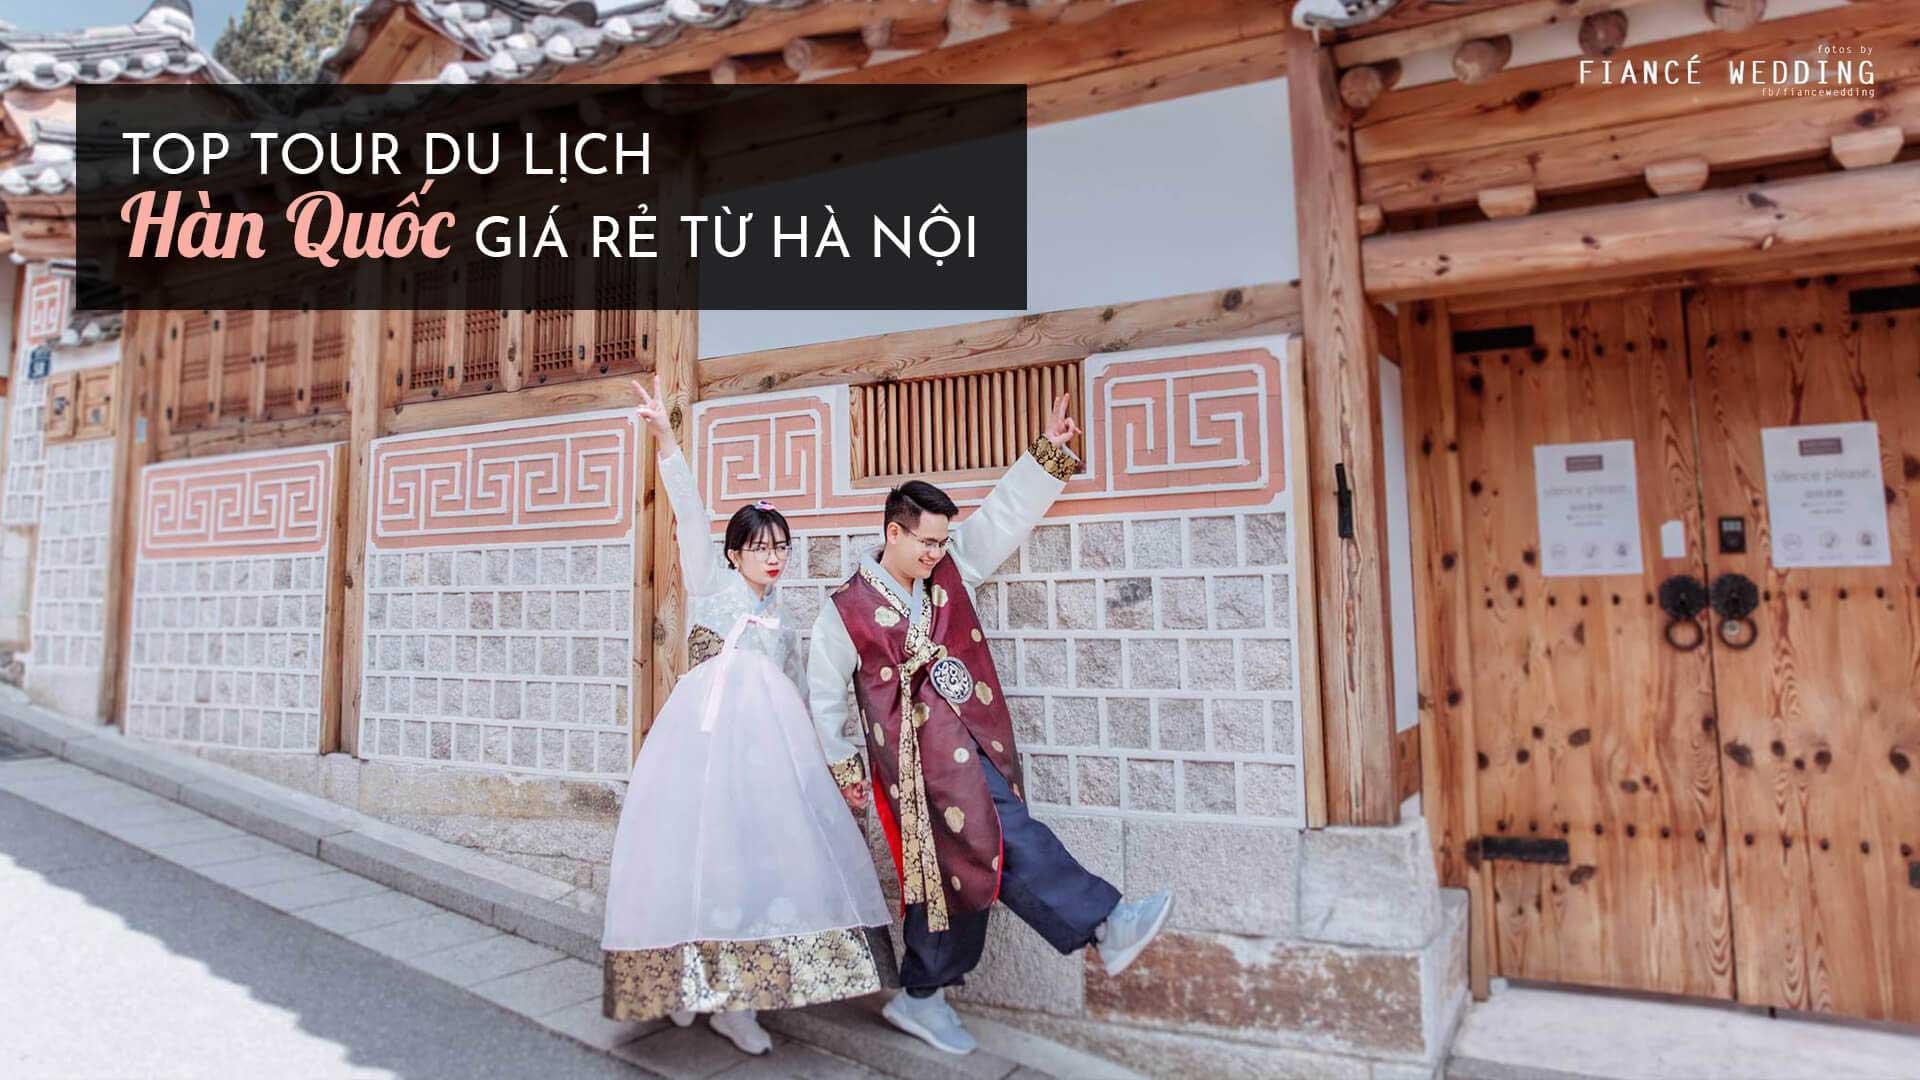 Top 5 tour du lịch Hàn Quốc giá rẻ từ Hà Nội mới nhất 2019.